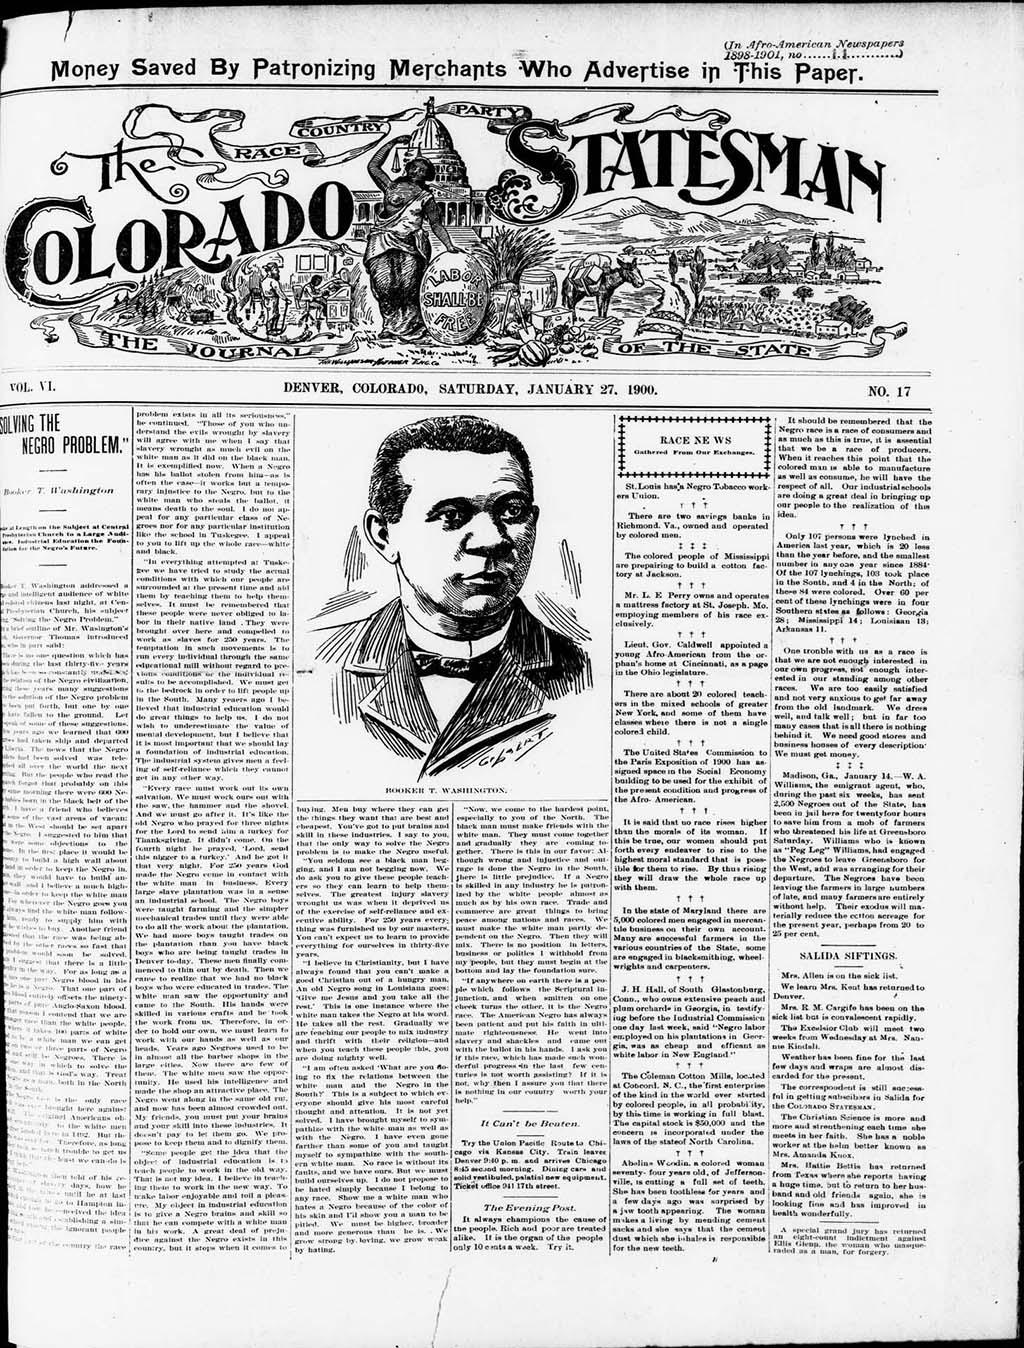 The Colorado Statesman, January 27, 1900